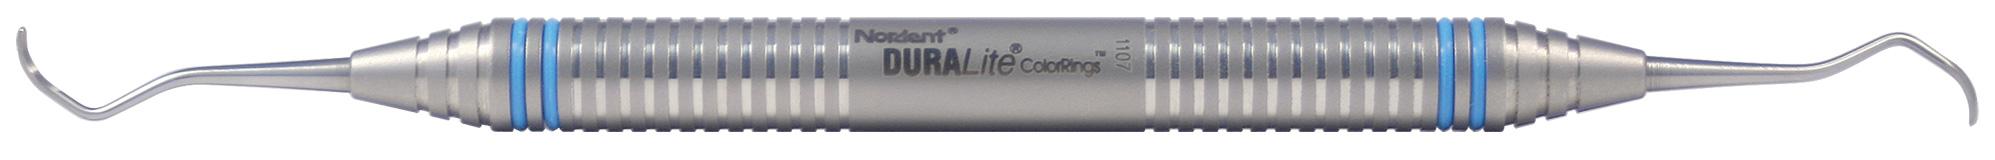 DURALite ColorRings